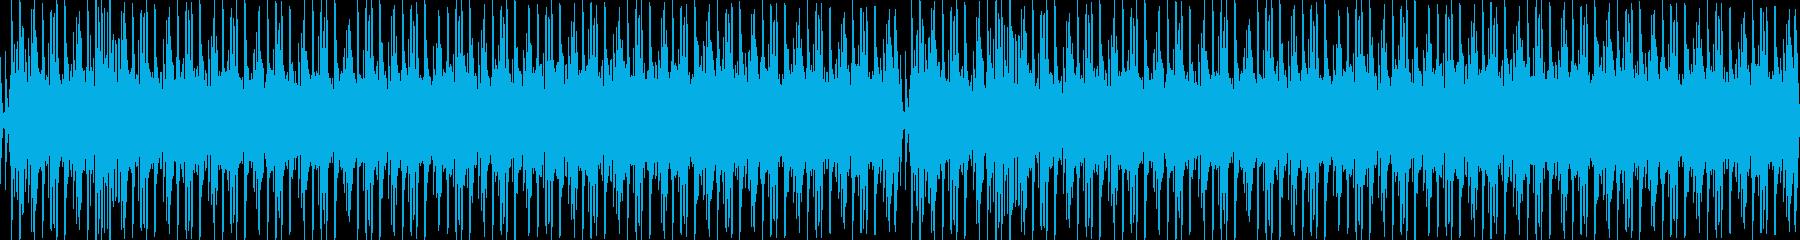 神秘的で雰囲気の和風BGMの再生済みの波形